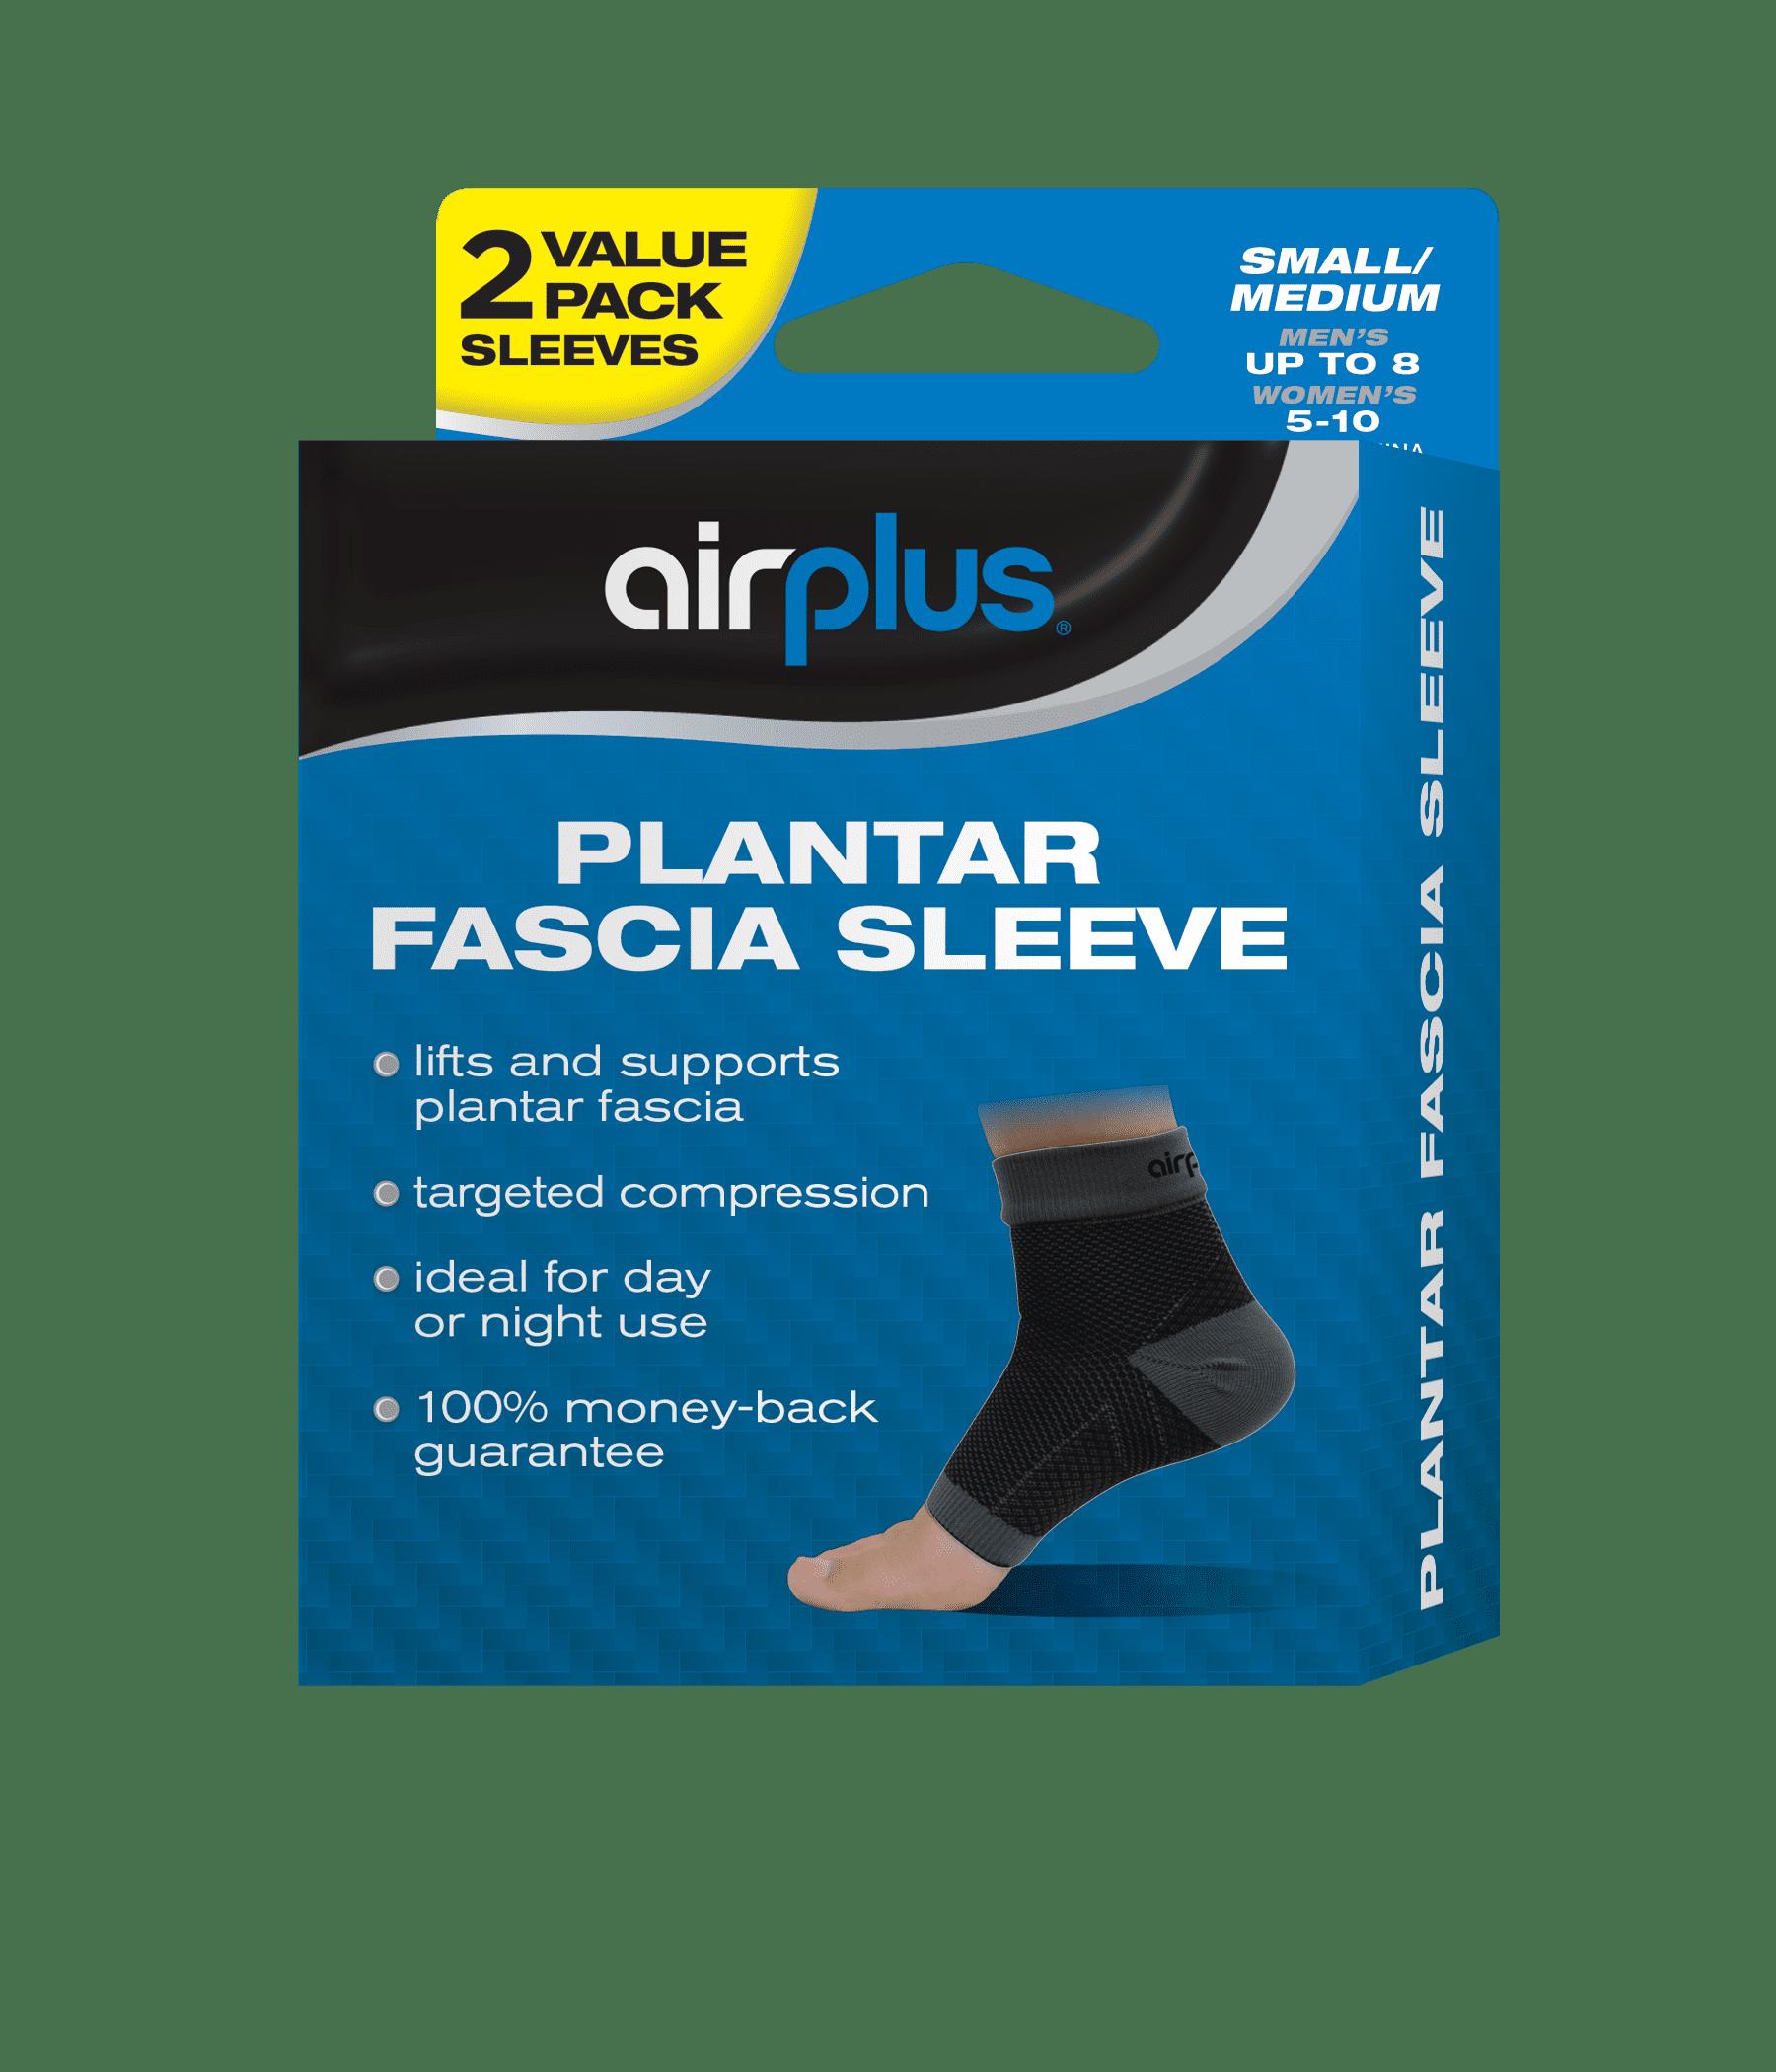 4ec3956556 Airplus Plantar Fascia Sleeve – S/M – BrickSeek